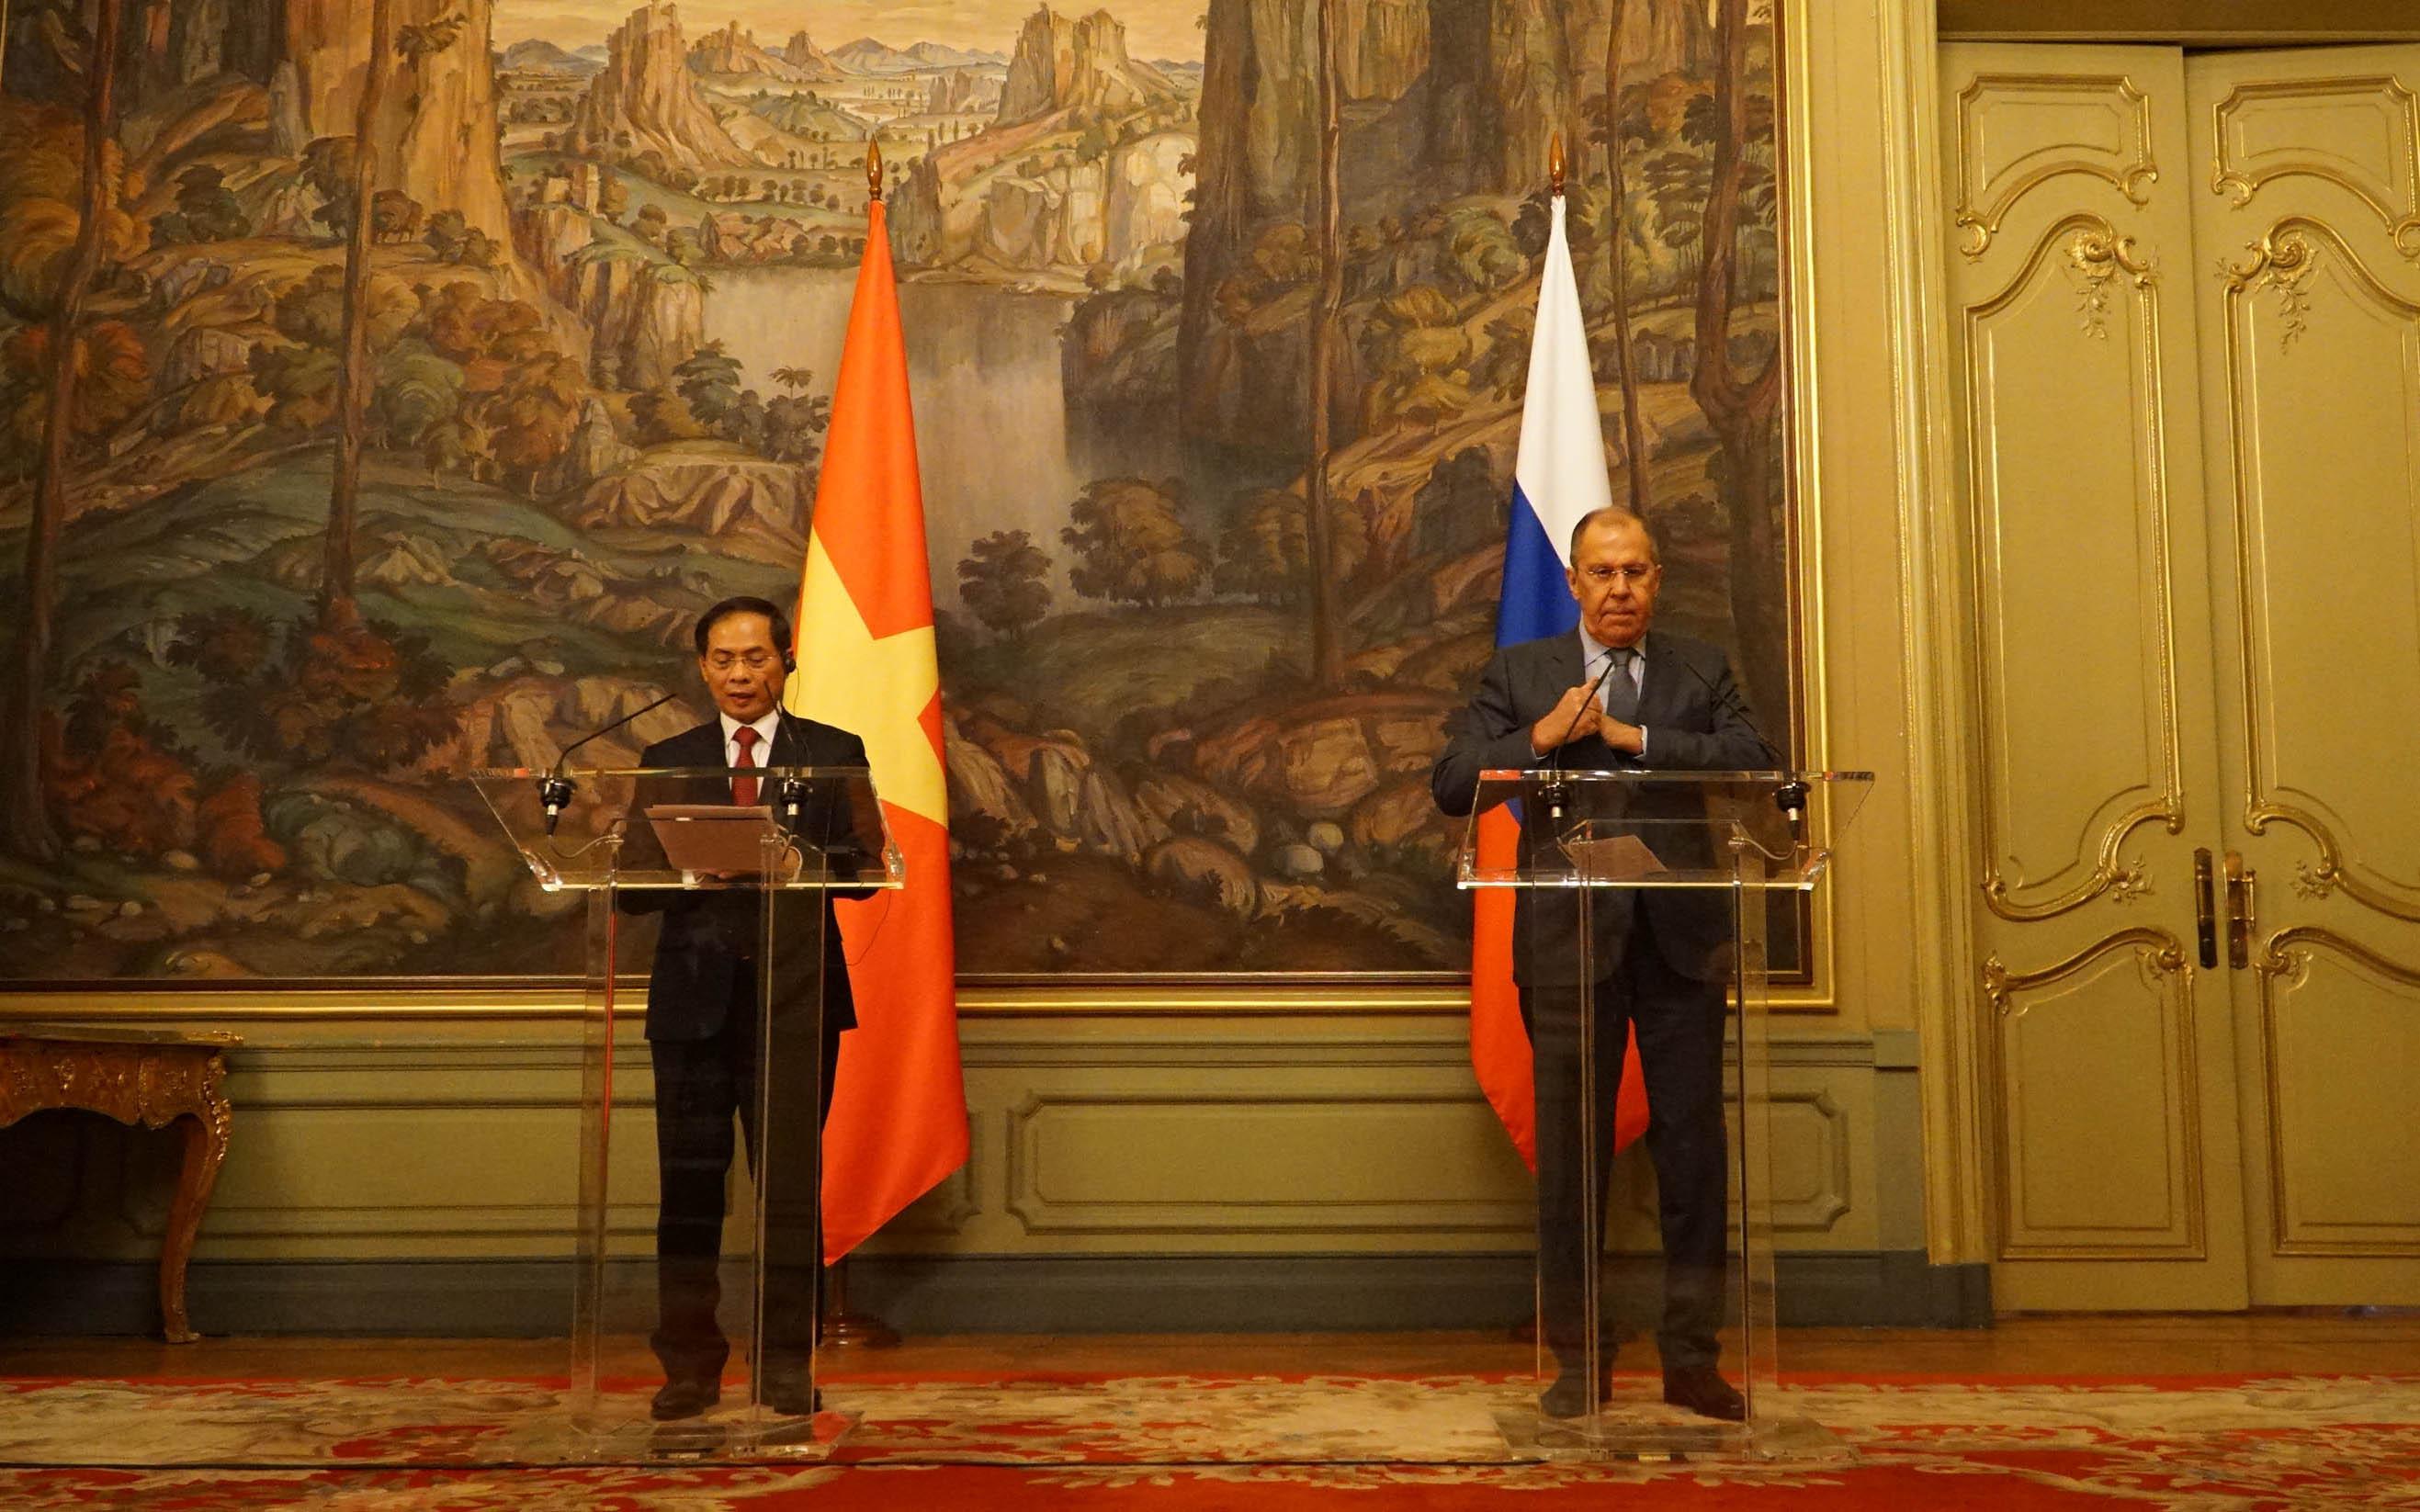 Bộ trưởng Ngoại giao Bùi Thanh Sơn hội đàm với Ngoại trưởng Nga S. Lavrov -0